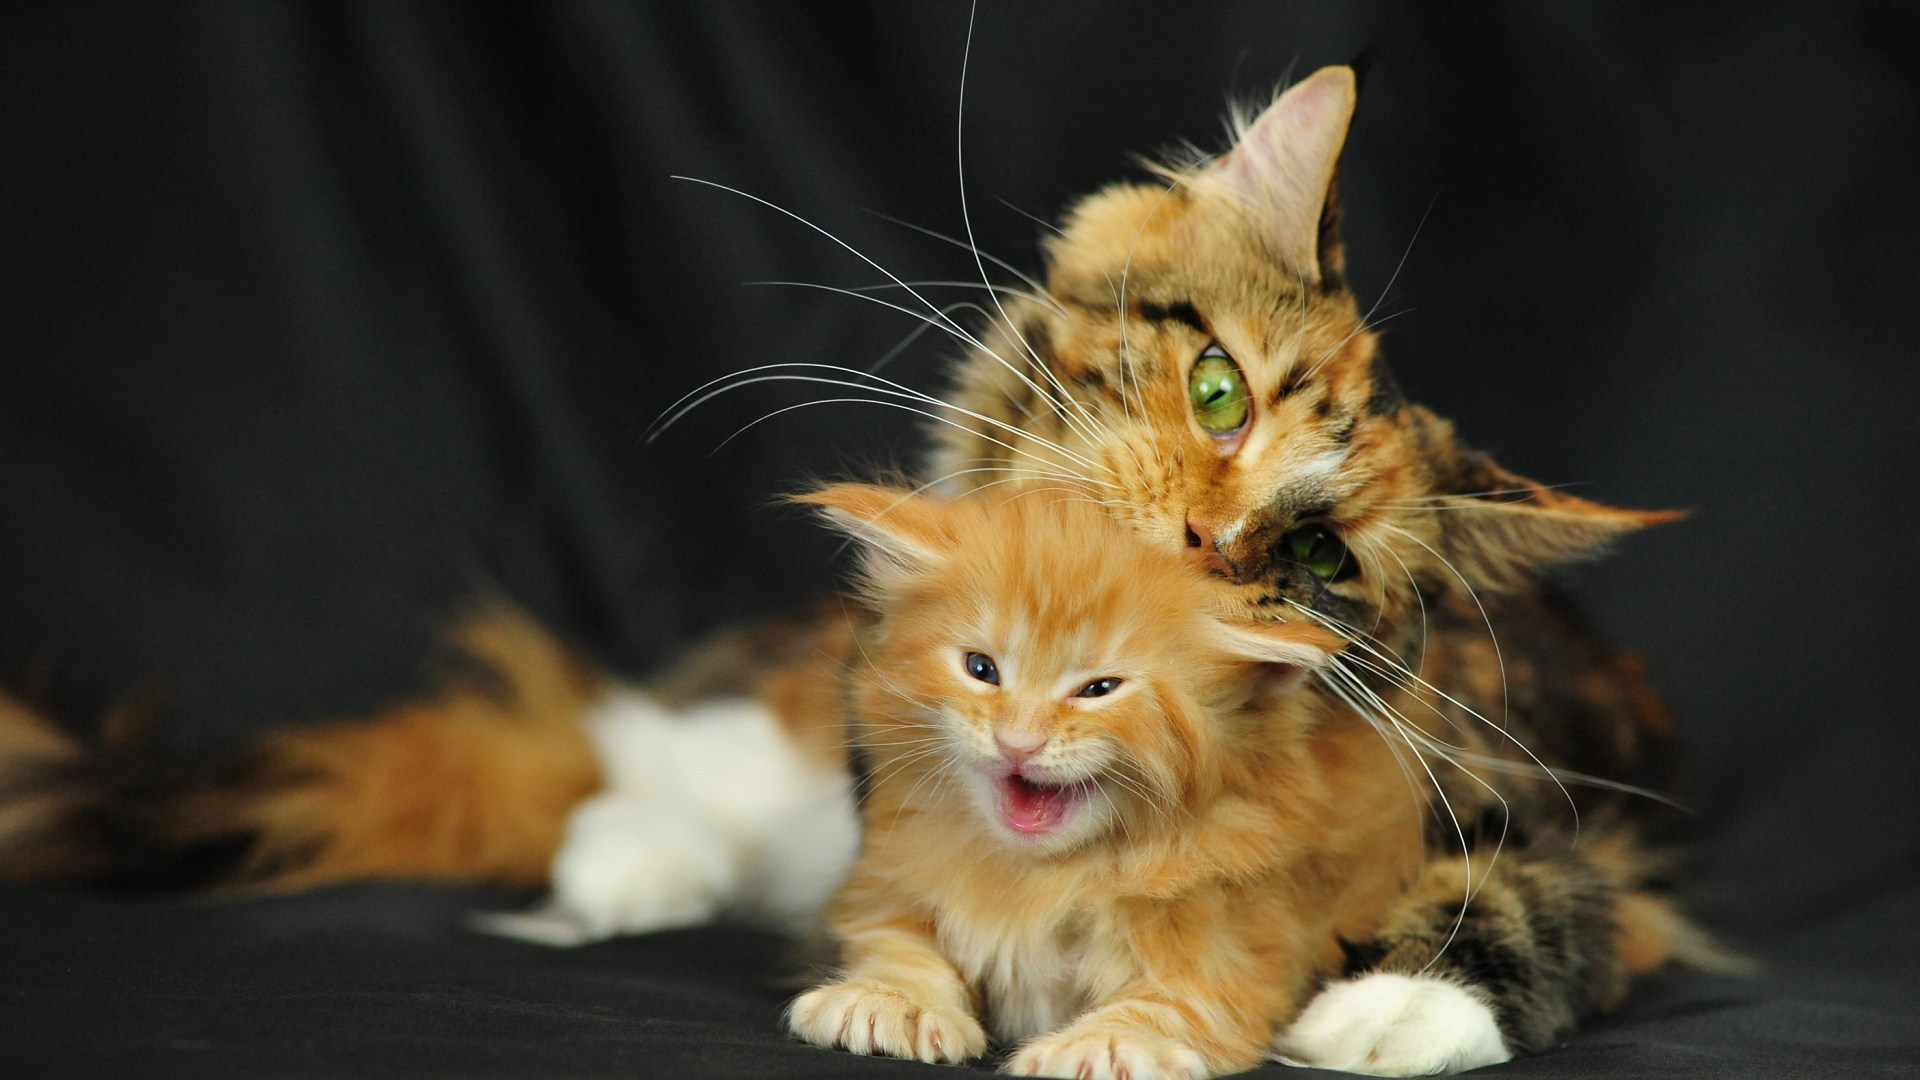 Обои широкого разрешения на рабочий стол с кошками рыжими